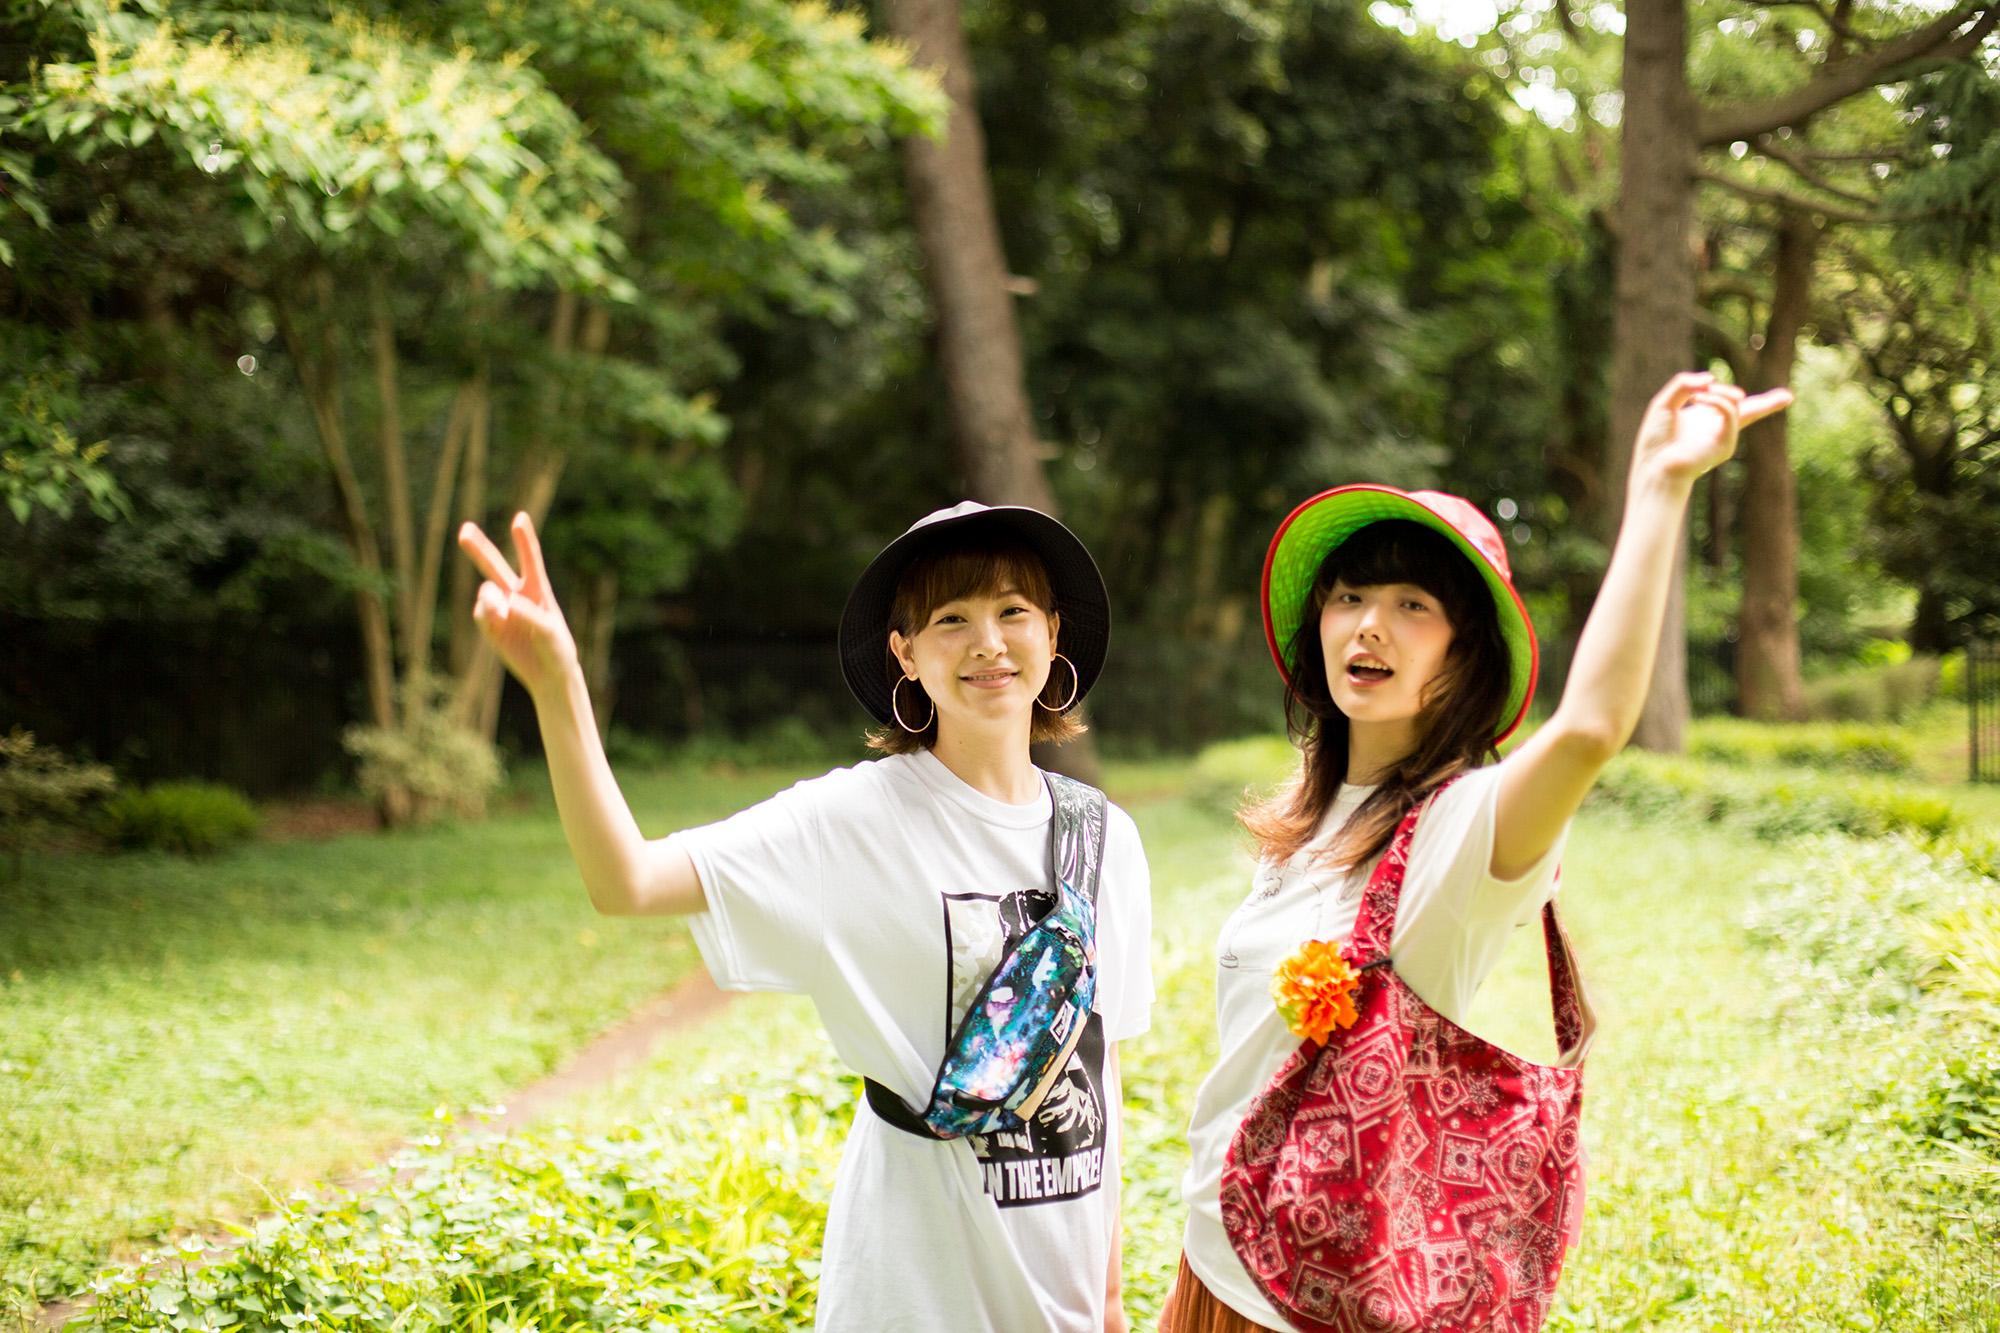 【フェスファッション】フジロックにも着ていきたい!2016年、夏フェスコーデ R7A3786